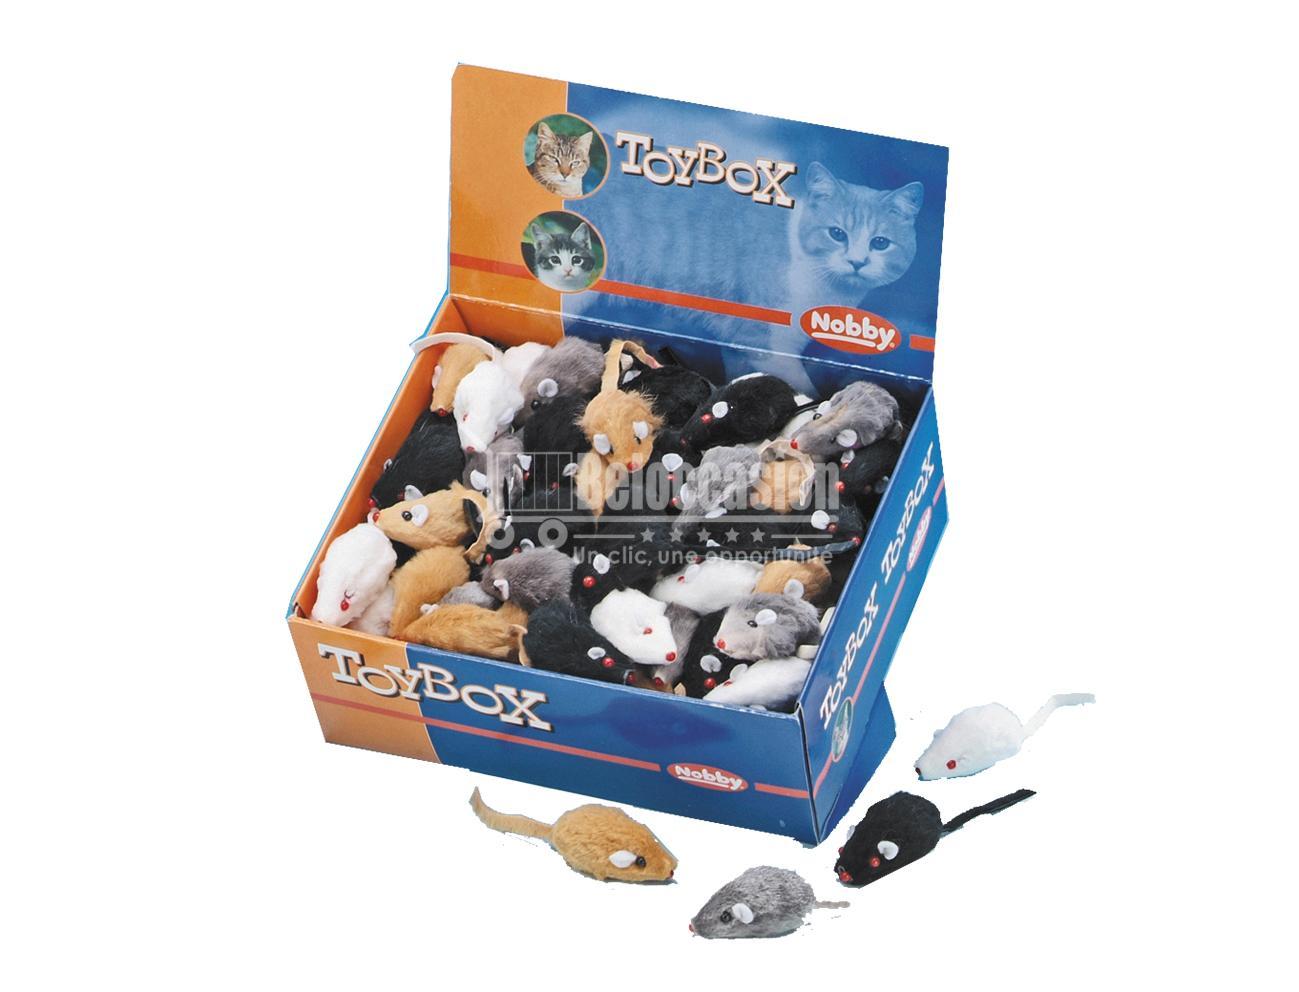 jouets pour chats d'appartement jouet pour chat contre l'ennui jouet pour chat amazon jouet pour chat a fabriquer meilleur jouet pour chat jouet chat interactif jouets pour chats pas cher souris pour chat télécommandée